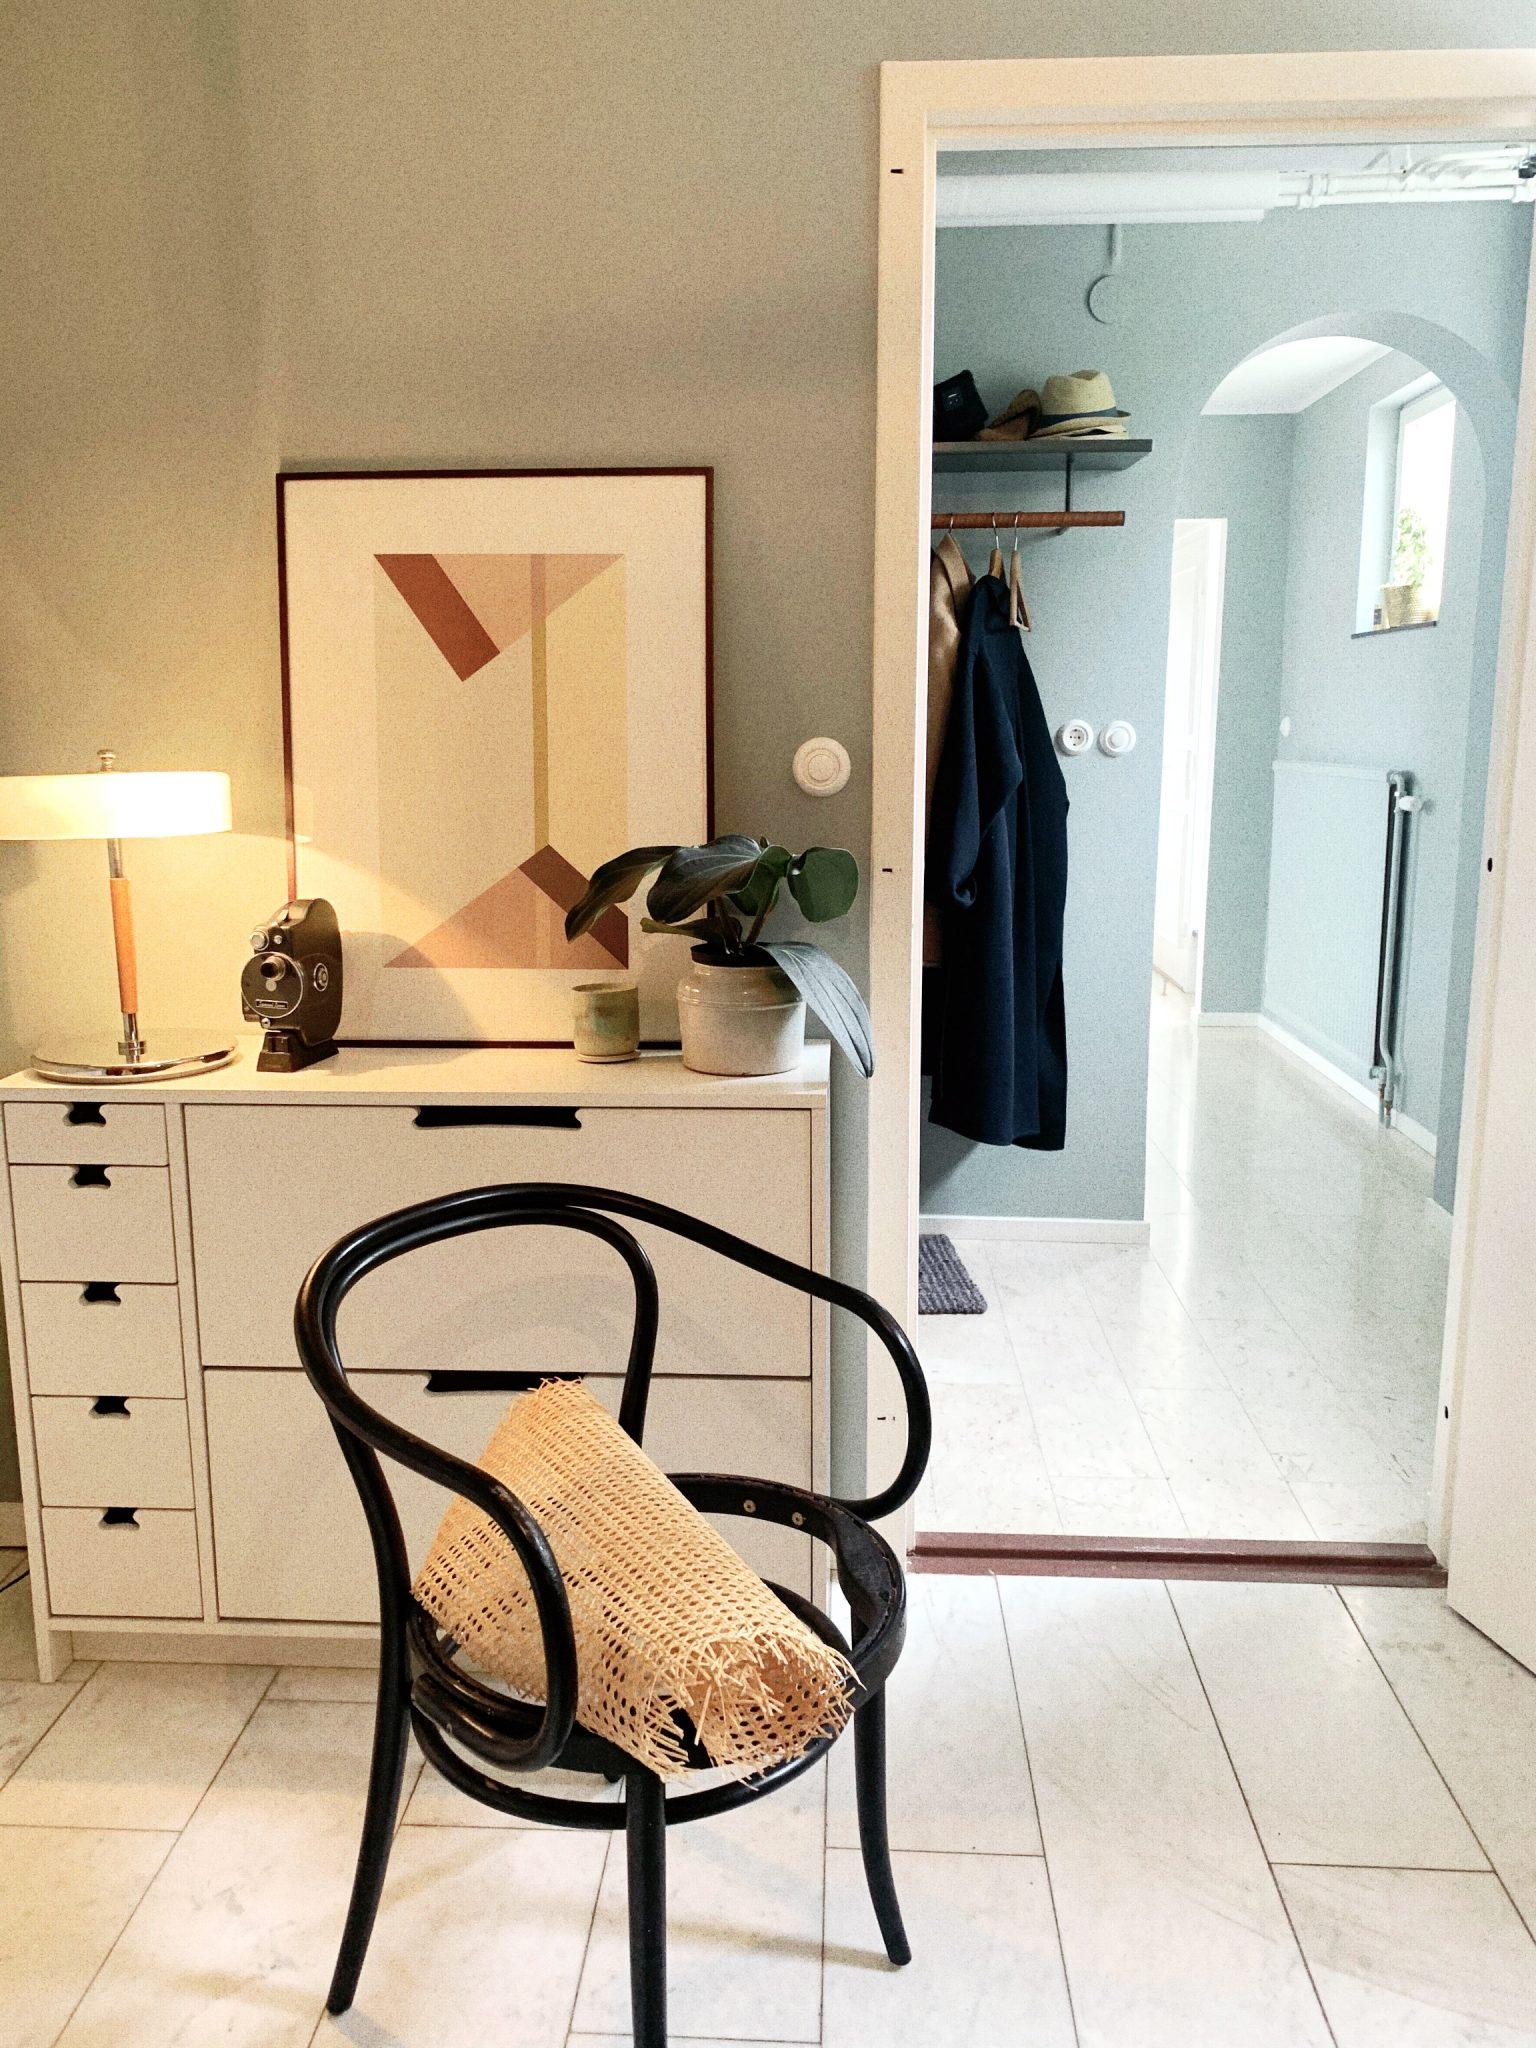 Så lagar du en rottingstol själv – DIY del 2   Frida Fahrman